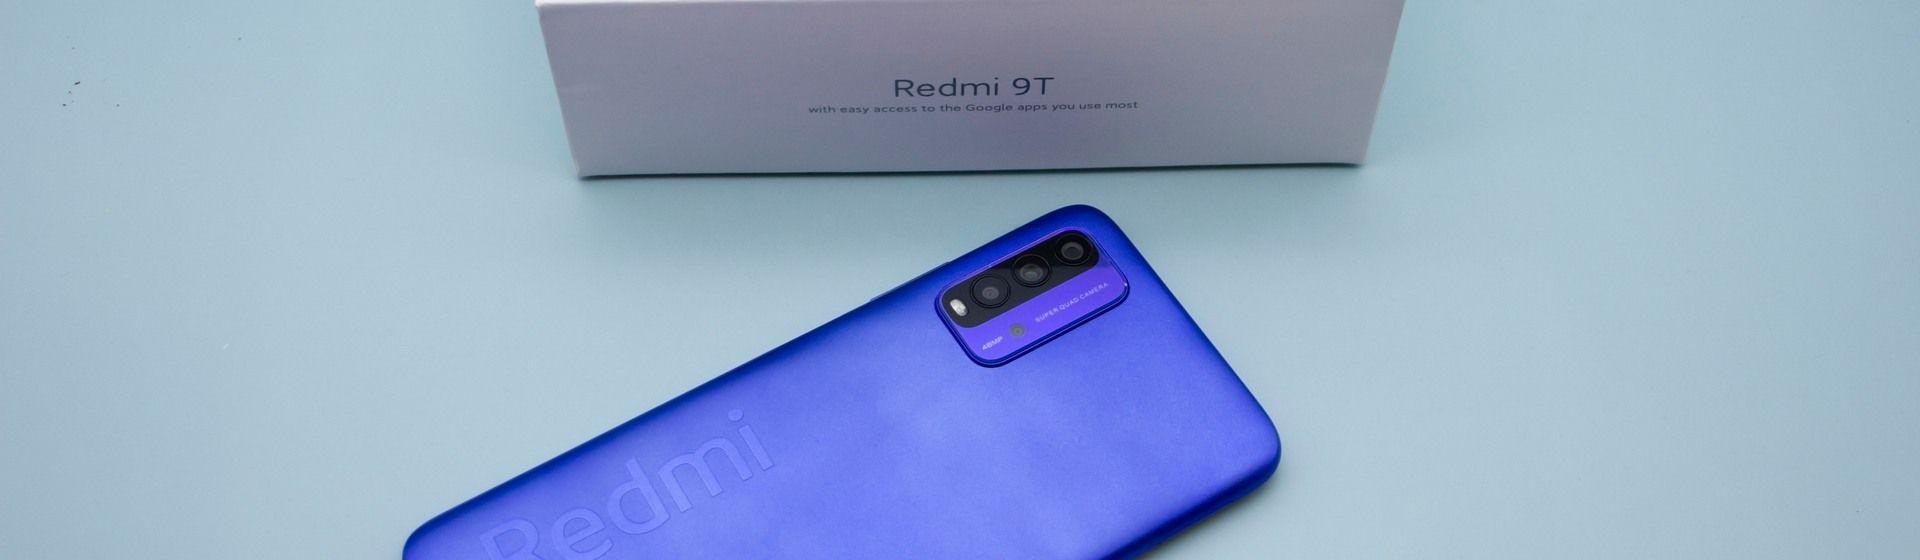 Redmi 9T é bom? Conheça o celular da Xiaomi